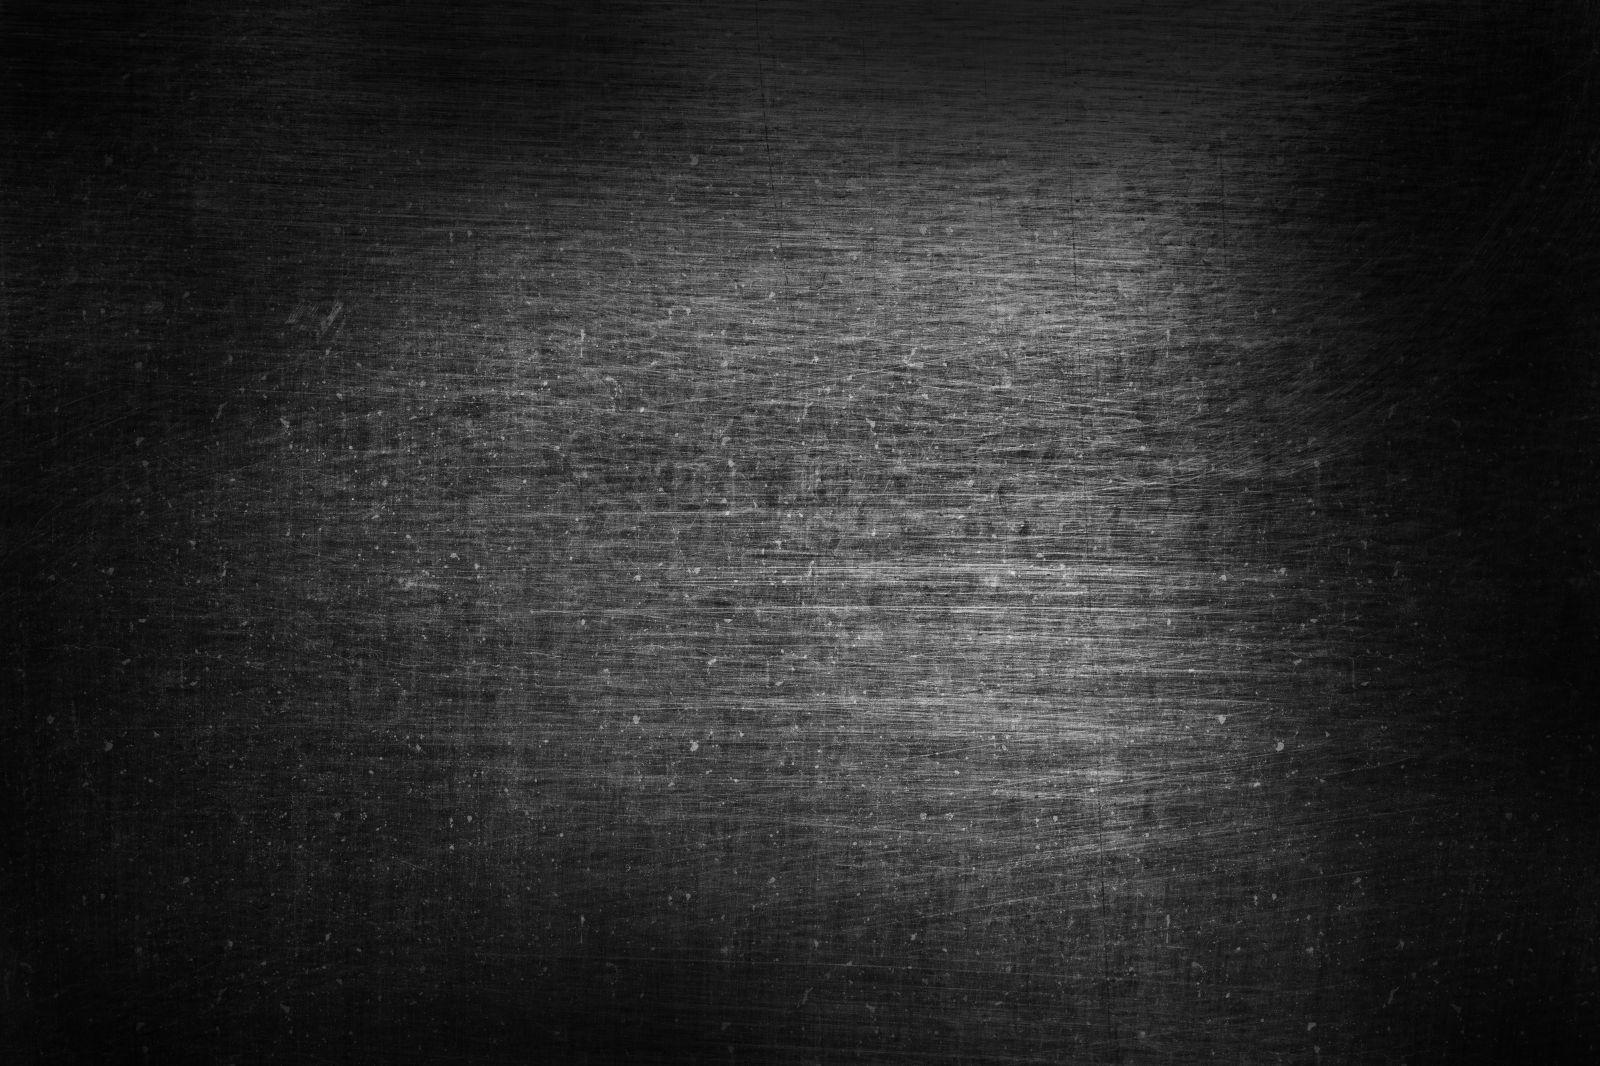 Black Scratched Metal Plate Wild Textures Texture Metal Texture Steel Textures